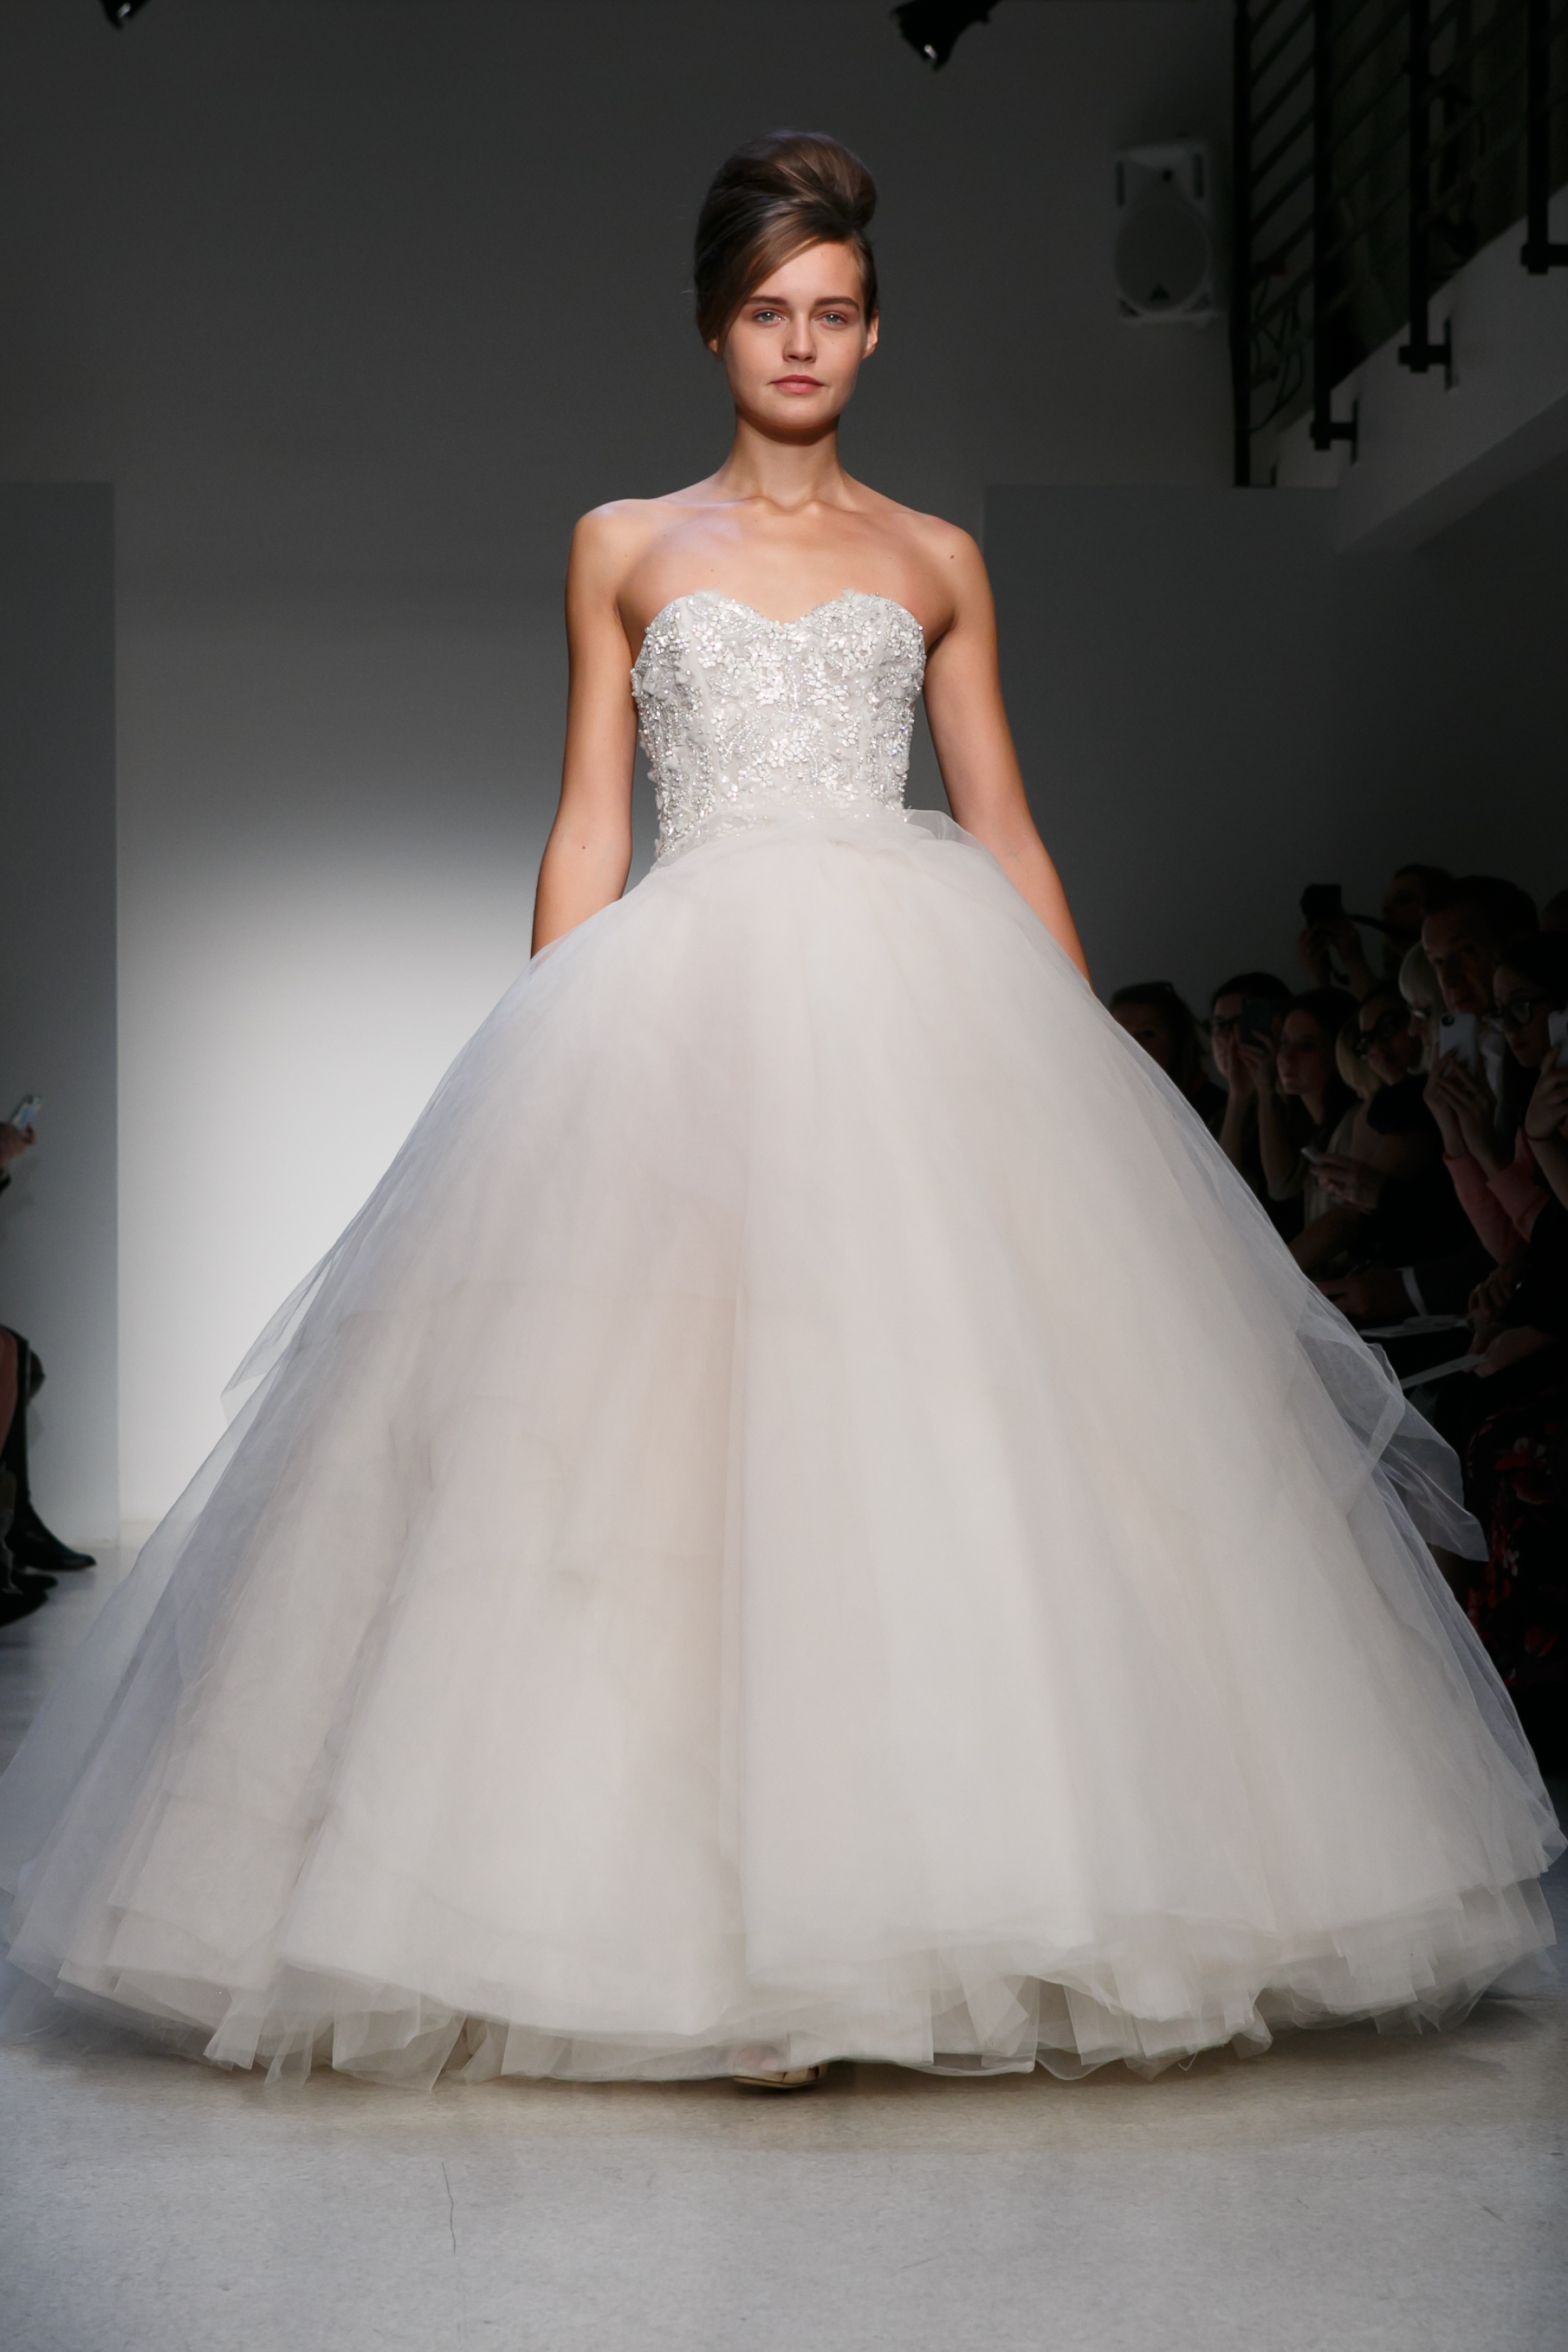 Fall 2013 wedding dress kenneth pool by amsale bridal for Amsale wedding dress price